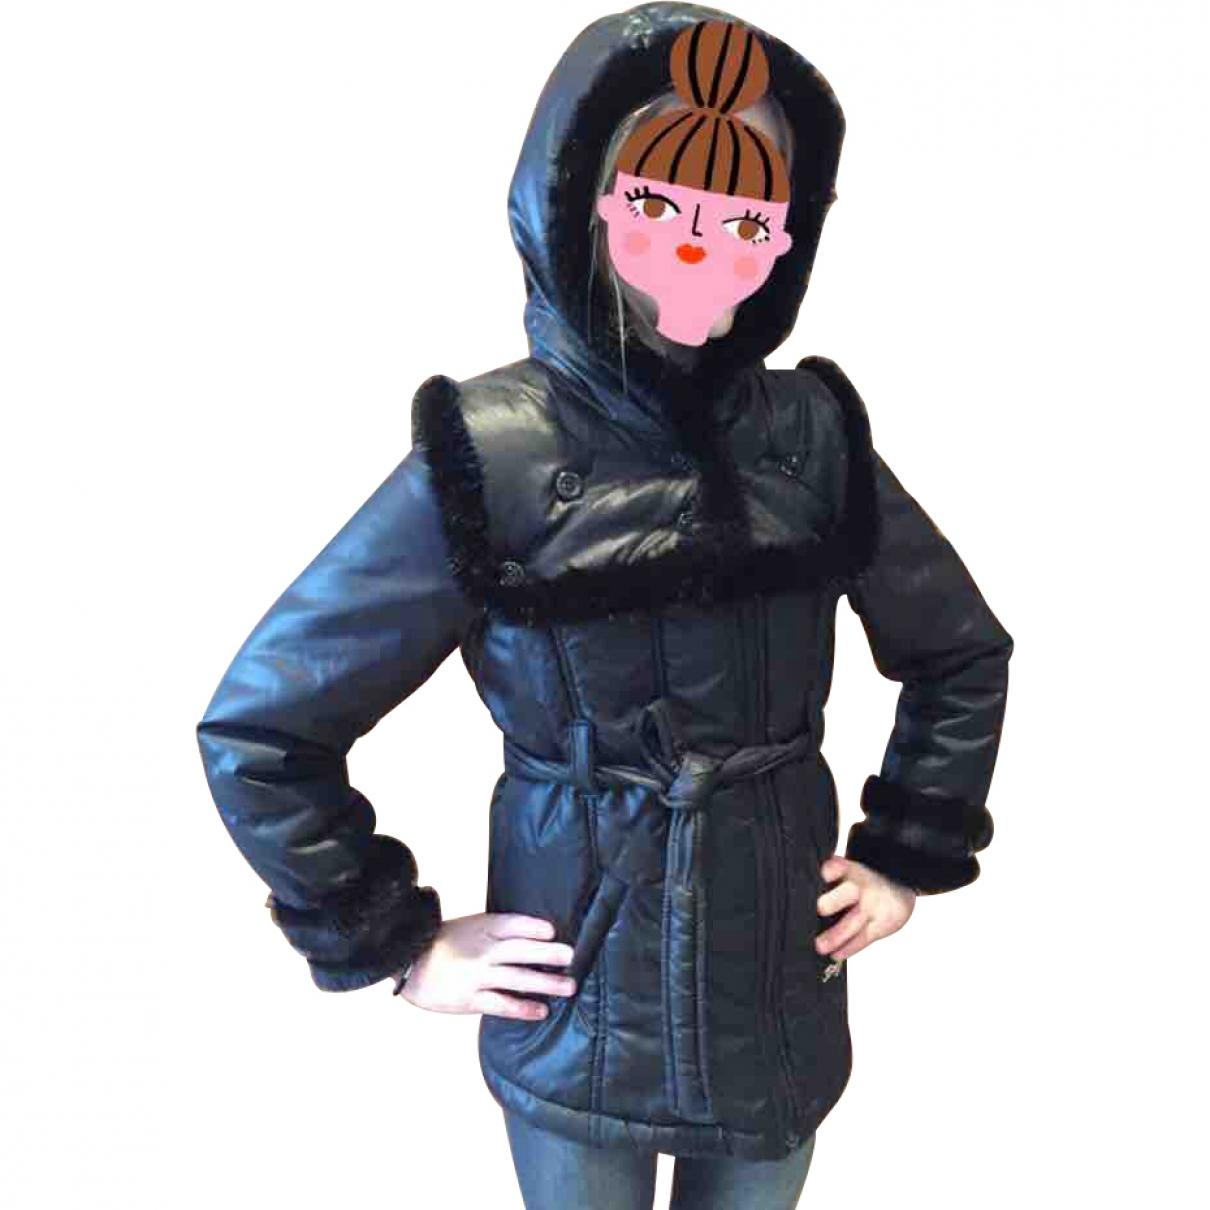 D&g - Blousons.Manteaux   pour enfant - noir